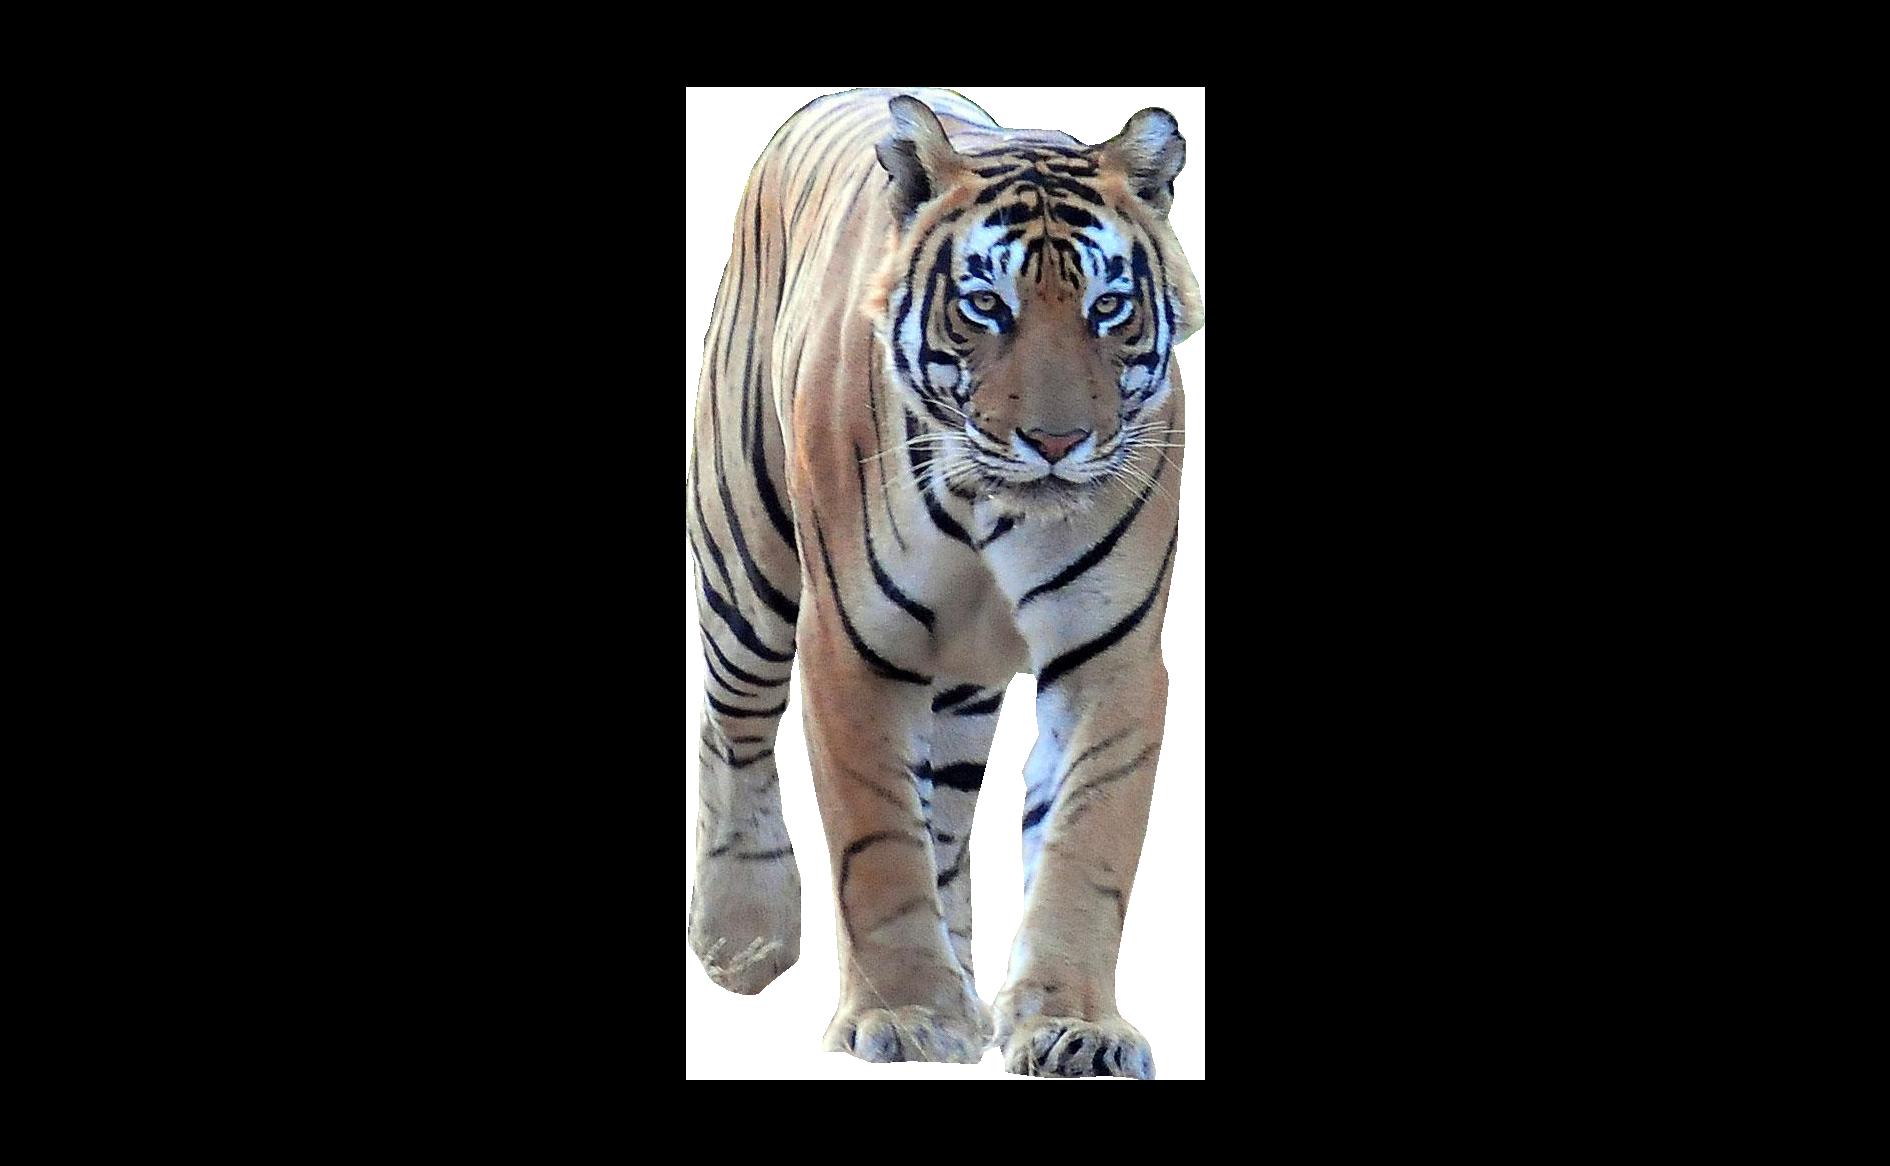 Tiger Walking Frontal PNG Image